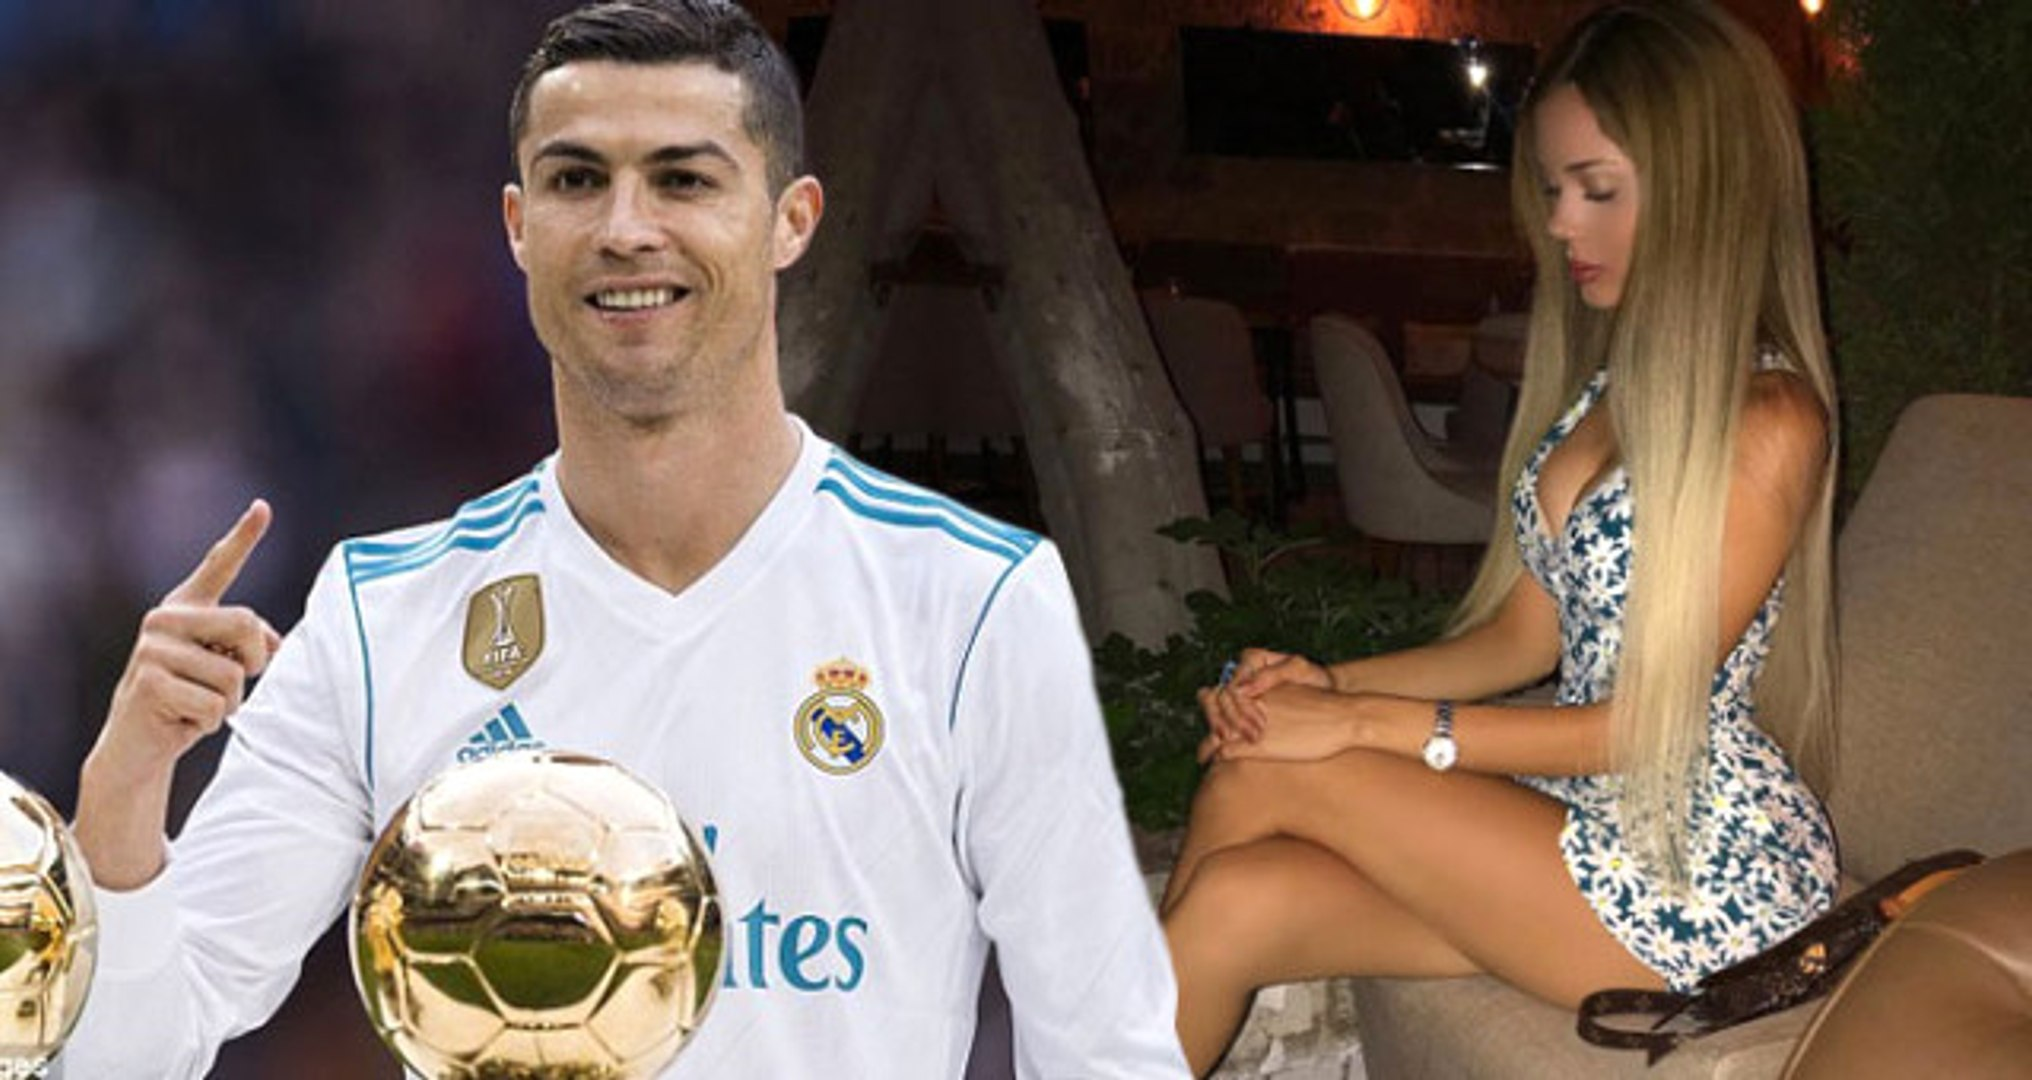 Cansu Taşkın, Kendisine İnanmayanlara Ronaldo'nun Mesajlarını İfşa Ederek Cevap Verdi